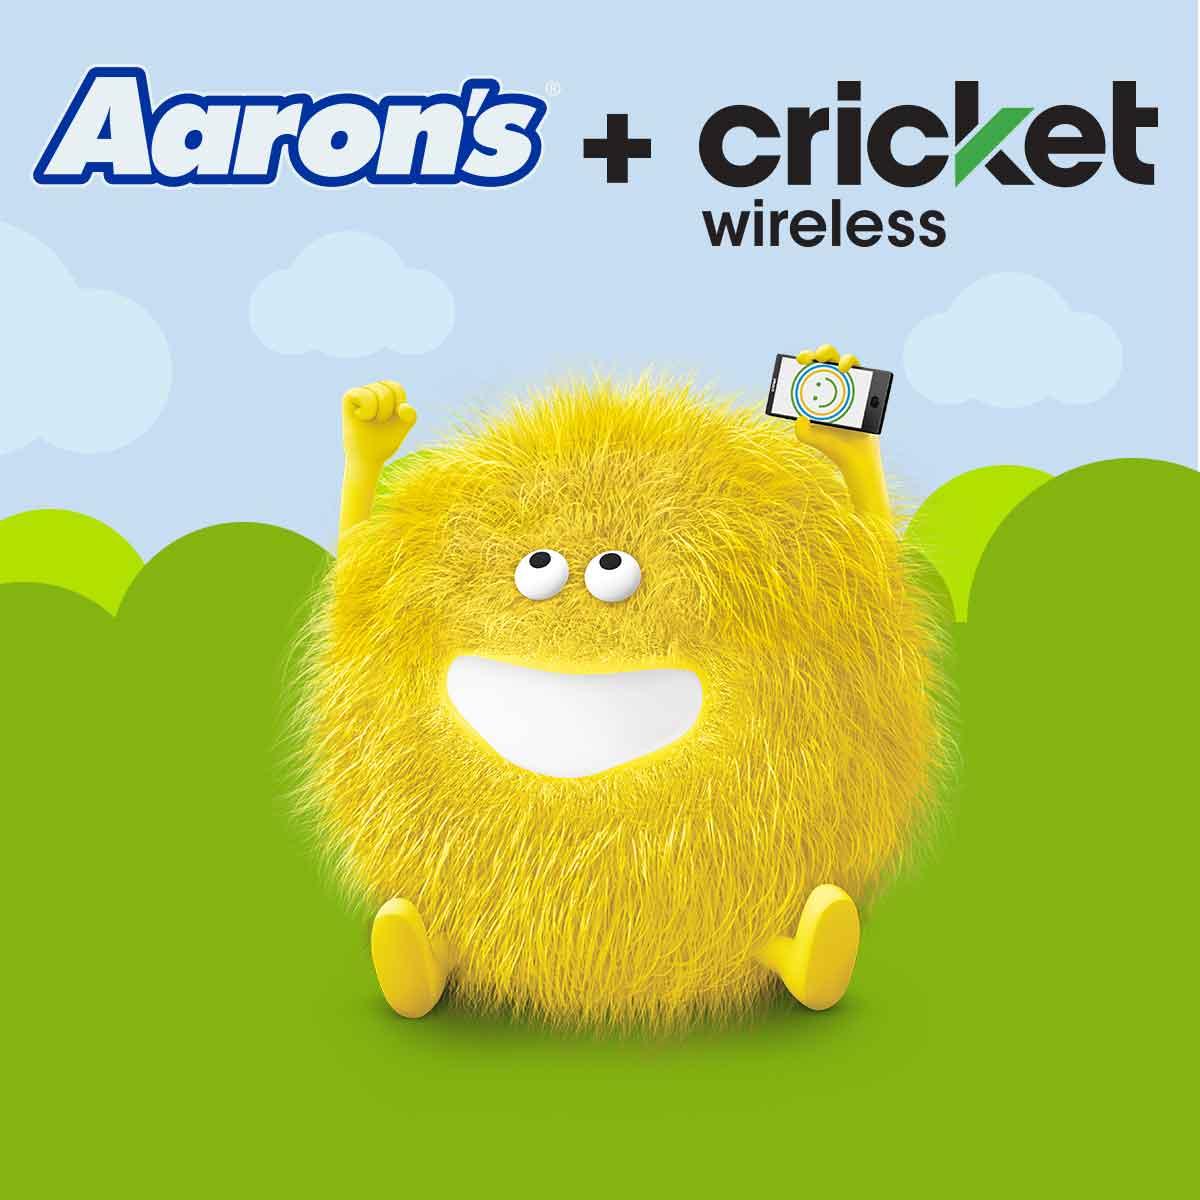 Aaron's Cricket Wireless 3